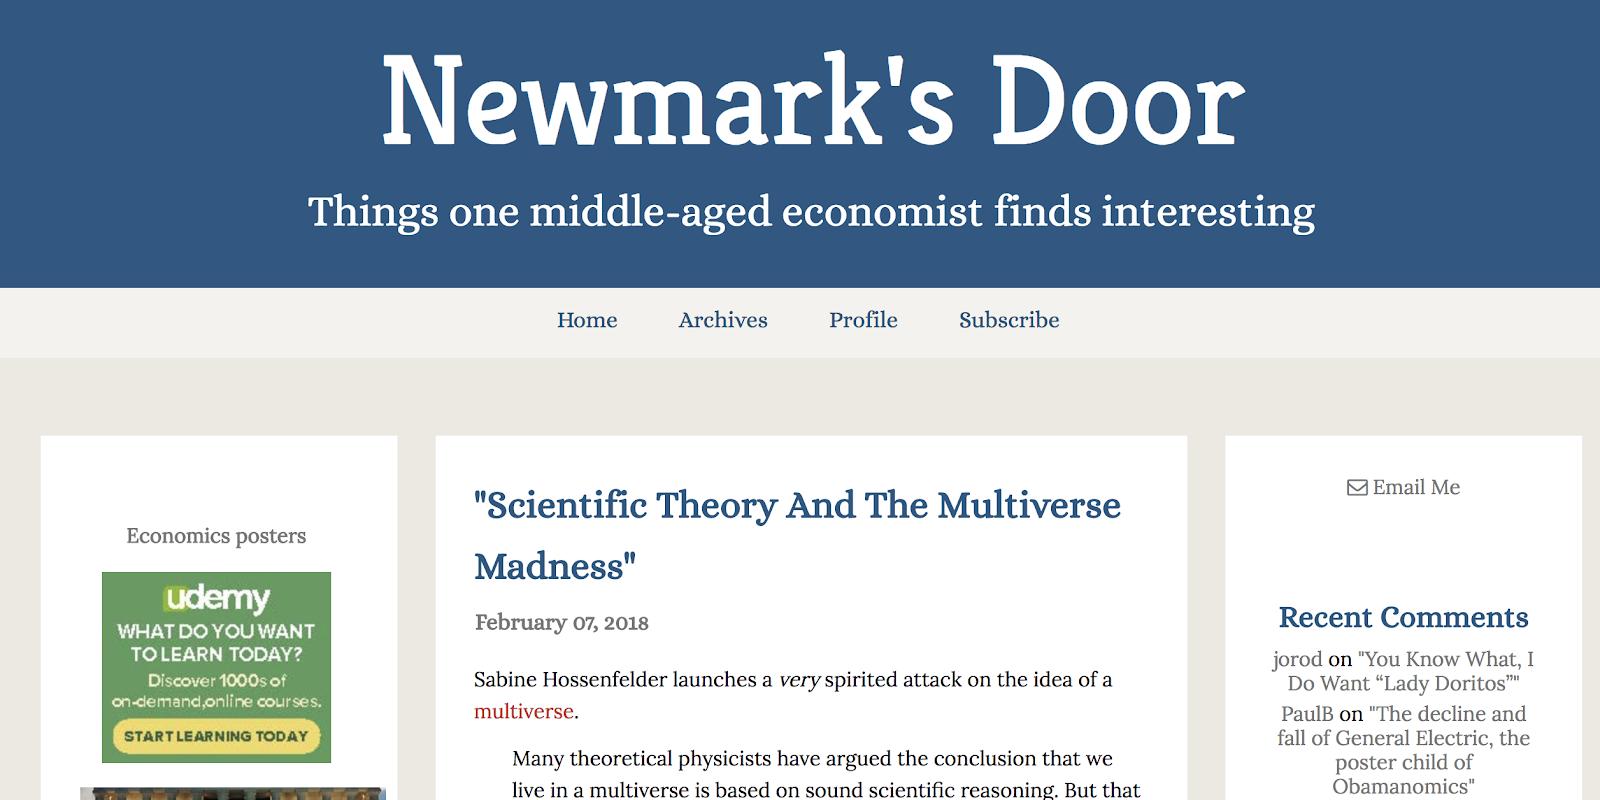 Newmarks door